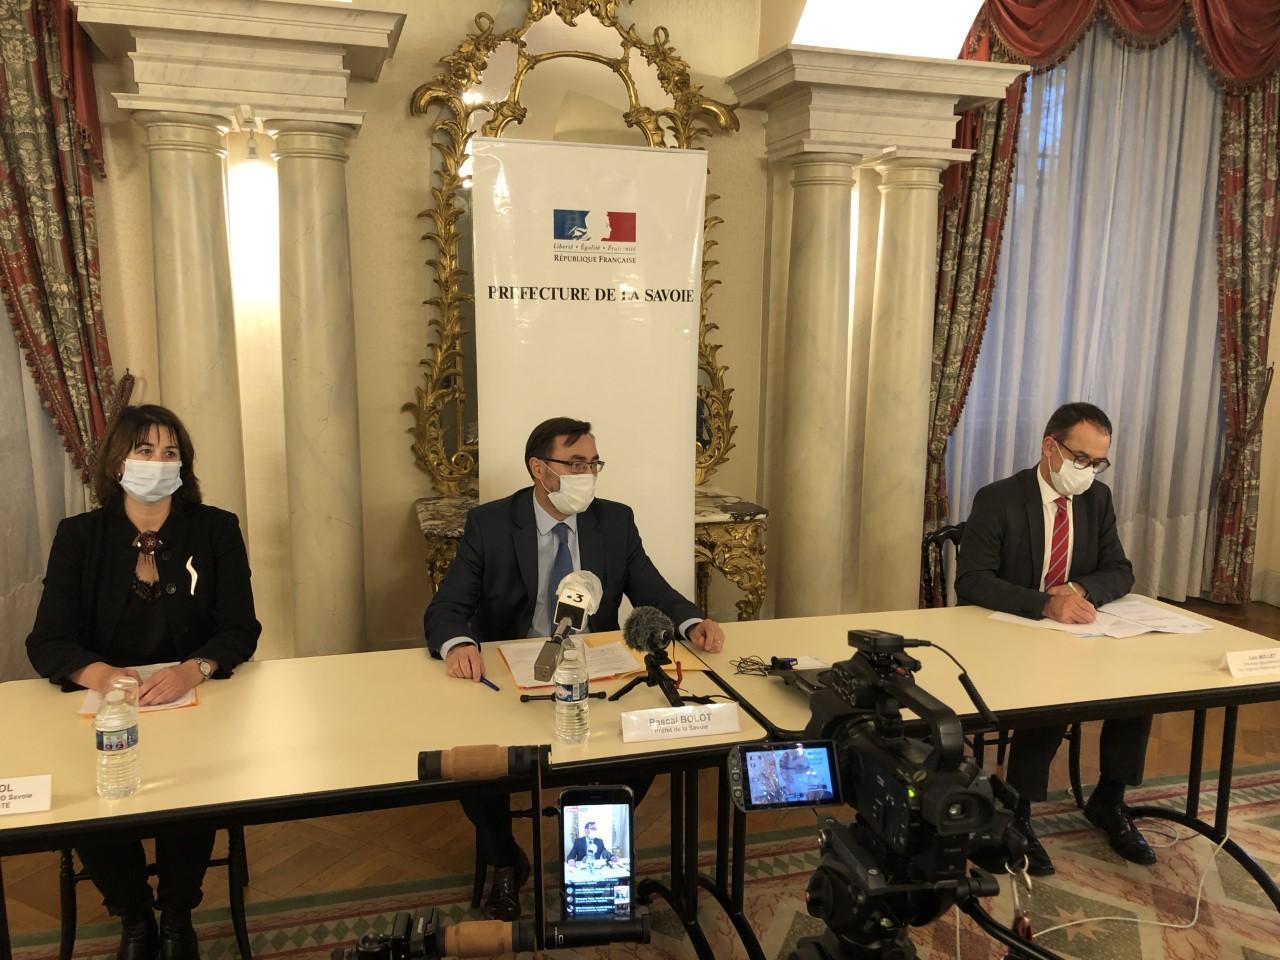 Pascal Bolot, préfet de la Savoie, a fait le point sur les mesures en vigueur ce vendredi 23 octobre.